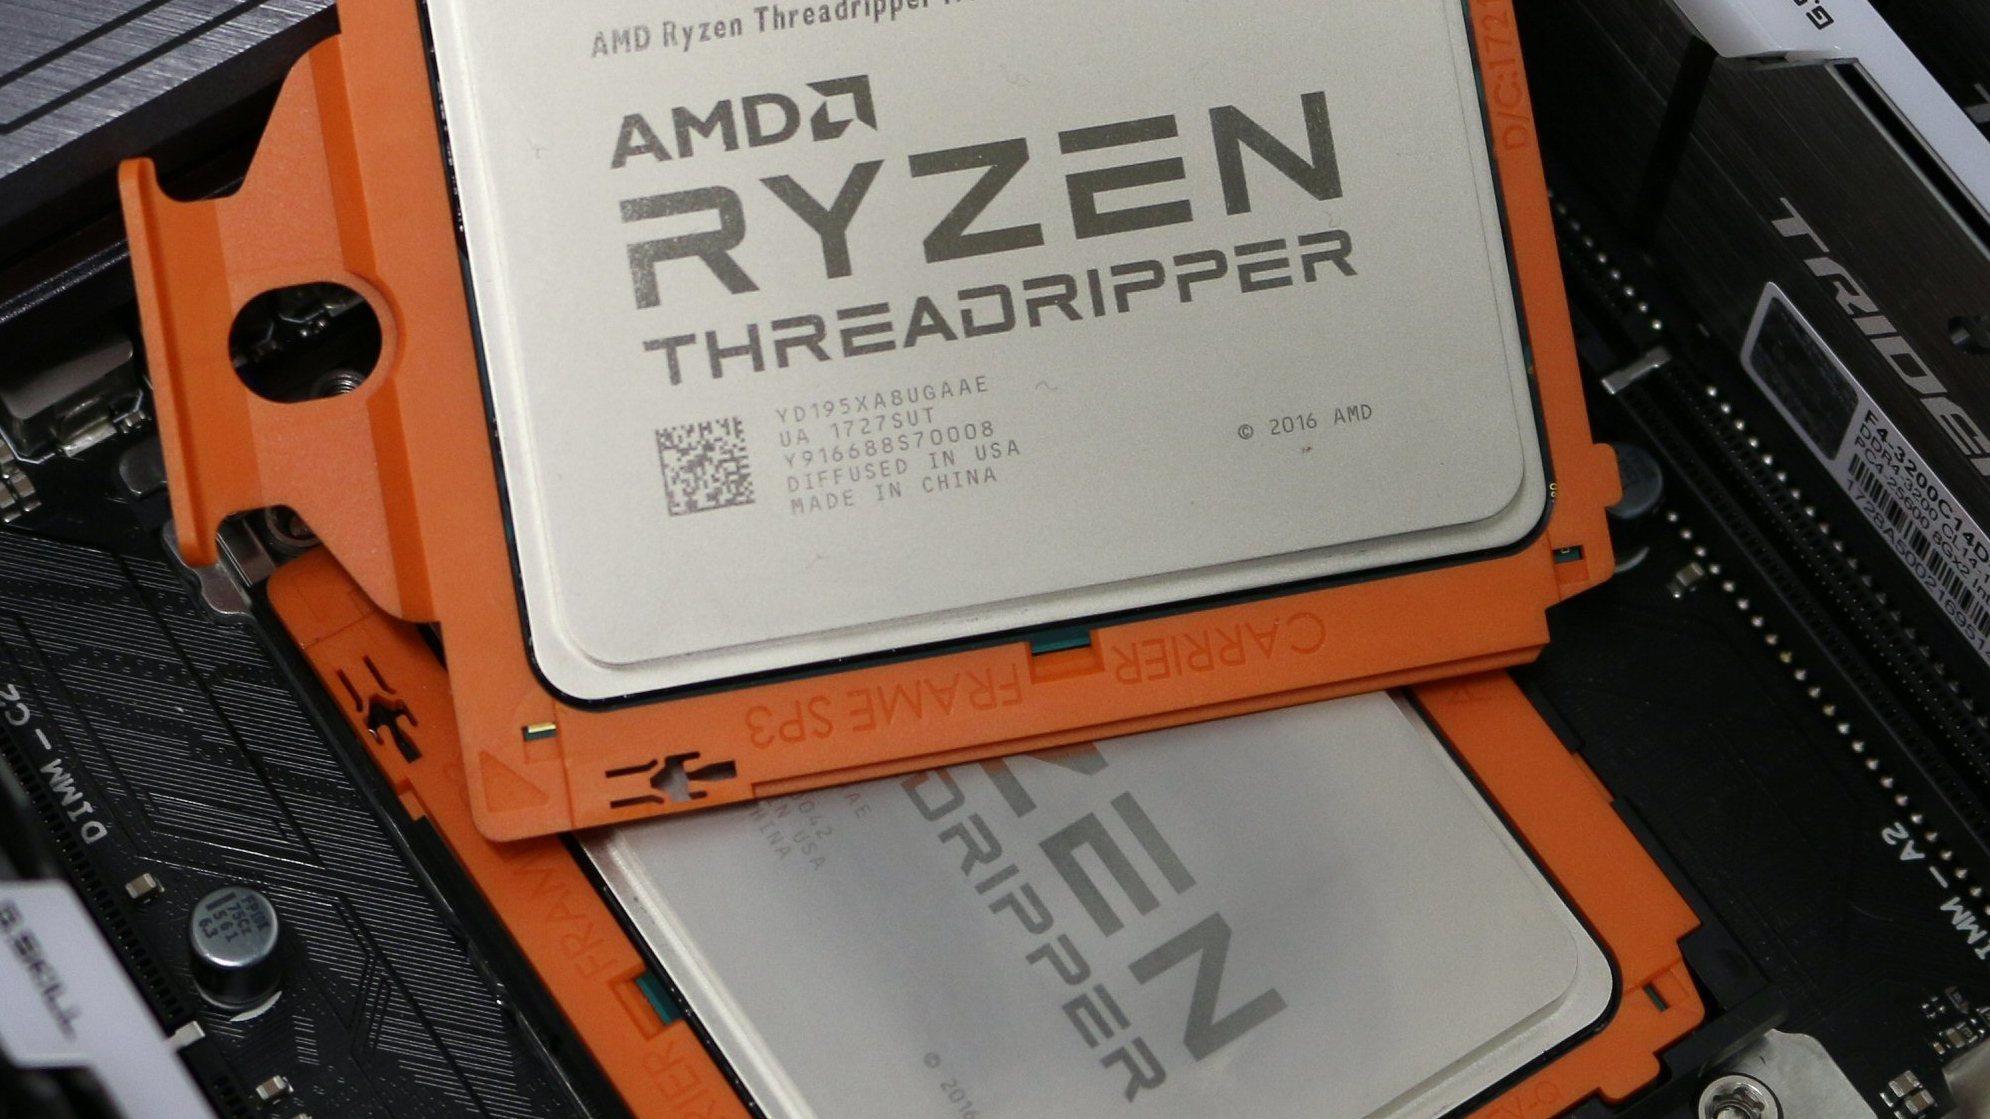 AMDs ekstreme Threadripper-prosessor med 32 kjerner er lagt ut for salg